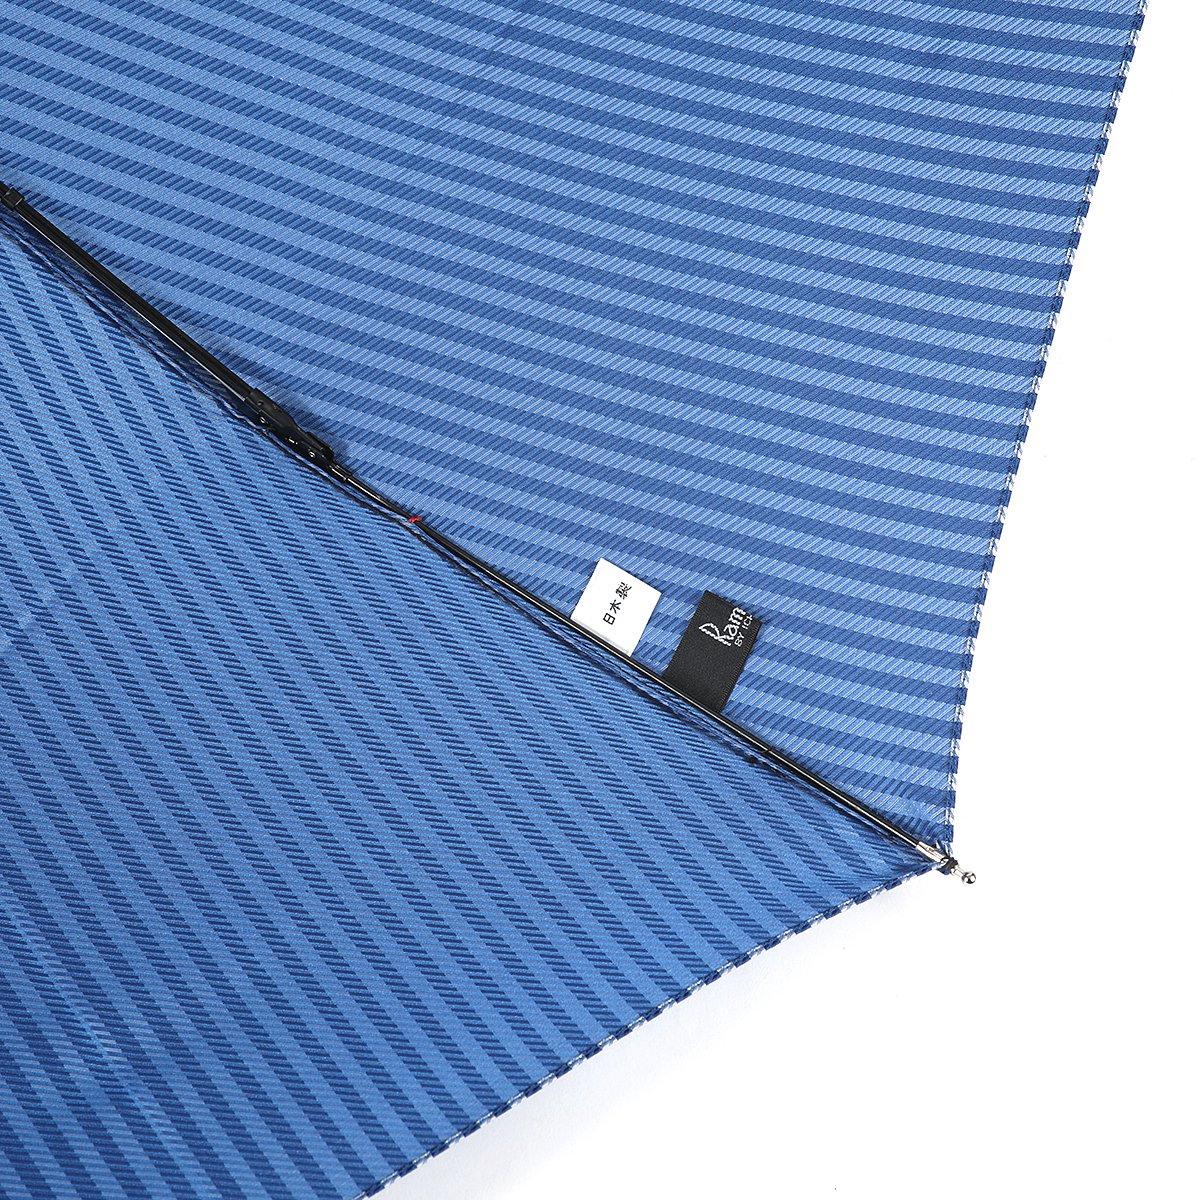 ロンドンストライプ 耐風骨 折りたたみ傘 詳細画像7